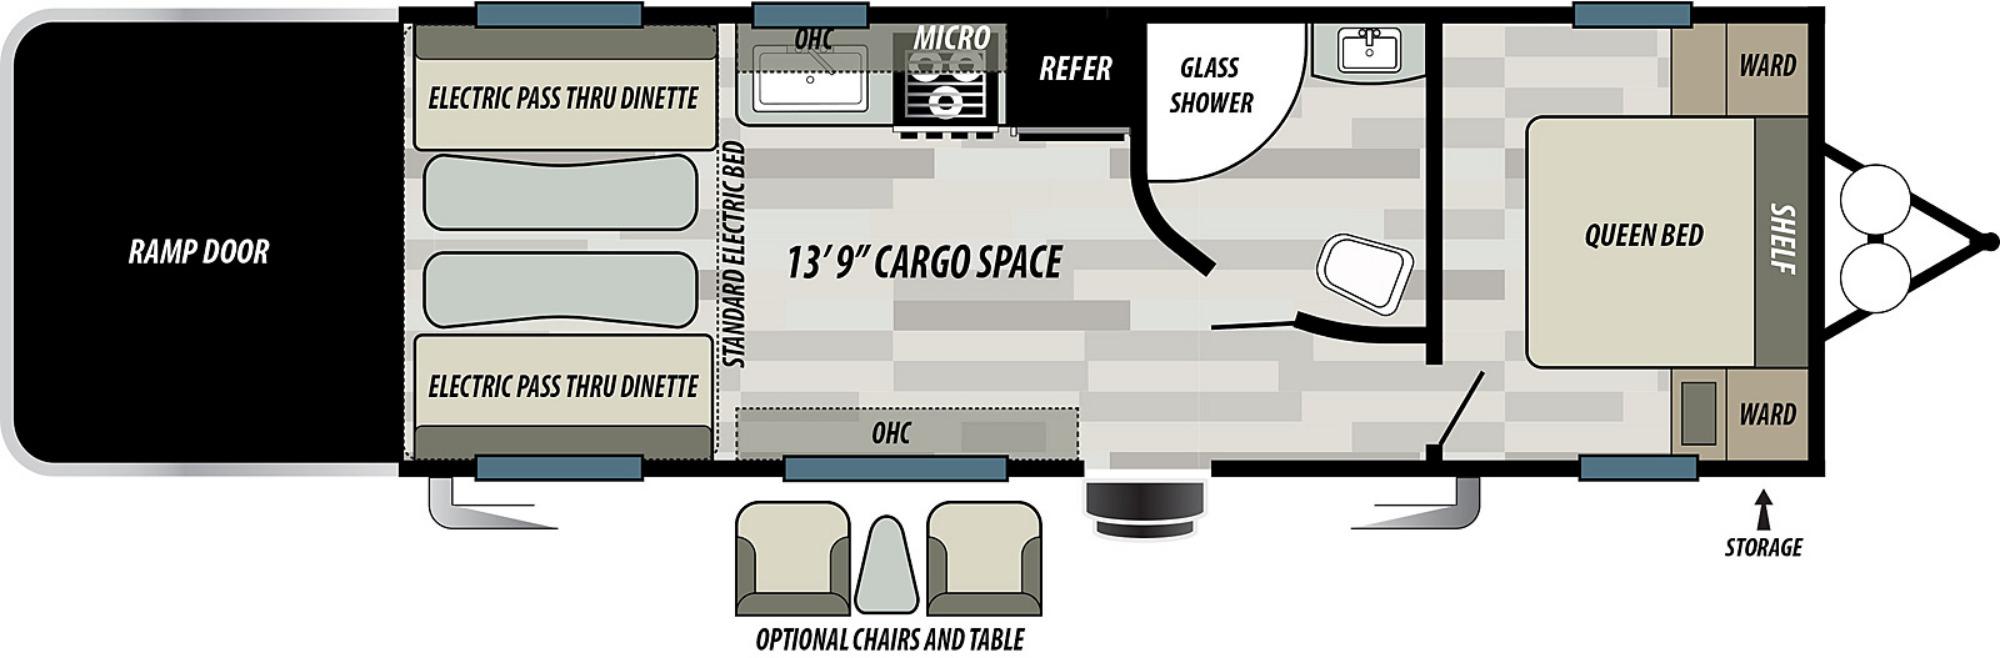 View Floor Plan for 2021 FOREST RIVER SANDSTORM 242GSLC